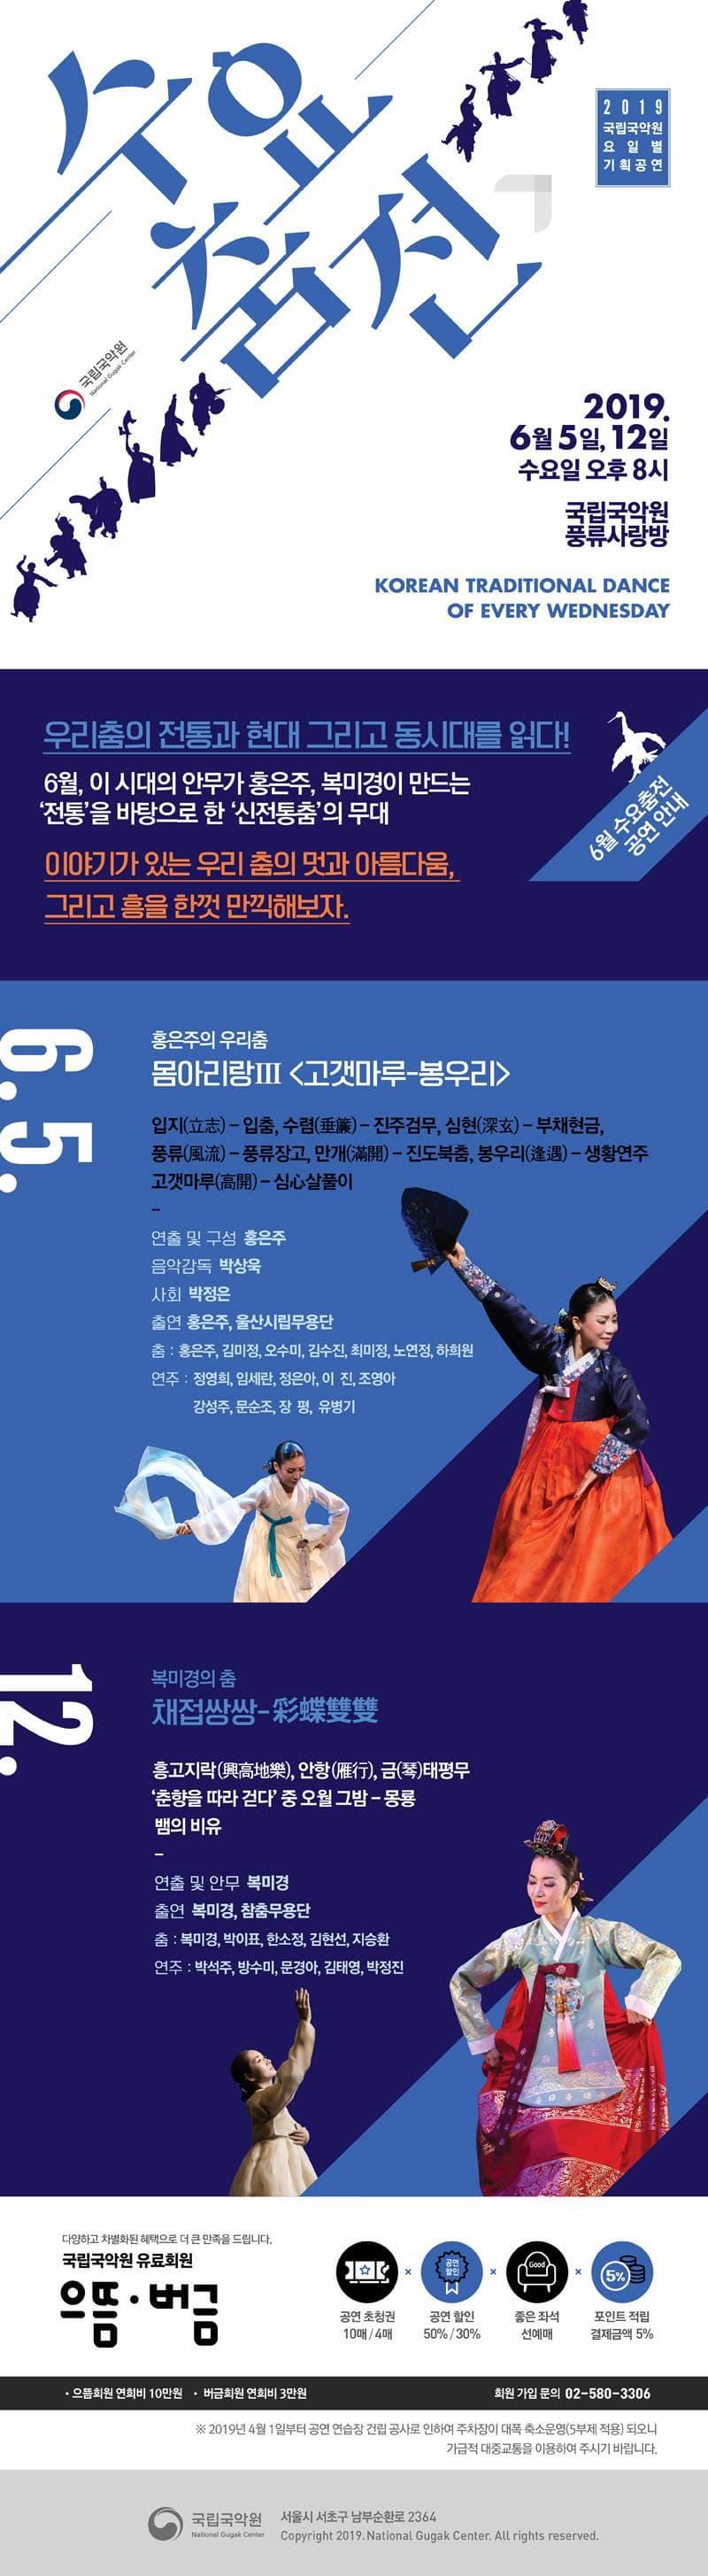 2019 국립국악원 요일별 기획공연 수요춤전 국립국악원 2019. 6월 5일, 12일 수요일 오후 8시 국립국악원 풍류사랑방 KOREAN TRADITIONAL DANCE OF EVERY WEDNESDAY 6월 수요춤전 공연 안내 우리춤의 전통과 현대 그리고 동시대를 읽다! 6월, 이 시대의 안무가 홍은주, 복미경이 만드는 전통을 바탕으로 한 신전통춤의 무대 이야기가 있는 우리 춤의 멋과 아름다움, 그리고 흥을 한껏 만끼해보자. 6.5 홍은주의 우리춤 몸아리랑Ⅲ 고갯마루-봉우리 입지 - 입춤, 수렴 - 진주검무, 심현 - 부채현금, 풍류 - 풍류장고, 만개 - 진도북춤, 봉우리 - 생황연주, 고갯마루 - 심살풀이  연출 및 구성 홍은주  음악감독 박상욱  사회 박정은  출연 홍은주, 울산시립무용단  춤 : 홍은주, 김미정, 오수미, 김수진, 최미정, 노연정, 하희원  연주 : 정영희, 임세란, 정은아, 이진, 조영아, 강성주, 문순조, 장평, 유병기  6.12  복미경의 춤  채접쌍쌍  흥고지락, 안항, 금태평무  춘향을 따라 걷다 중 오월 그밤 - 몽룡  뱀의 비유  연출 및 안무 복미경  출연 복미경, 참춤무용단  춤 : 복미경, 박이표, 한소정, 김현선, 지승환  연주 : 박석주, 방수미, 문경아, 김태영, 박정진 다양하고 차별화된 혜택으로 더 큰 만족을 드립니다. 국립국악원 유료회원 으뜸  버금  공연 초청권 10매 / 4매  공연 할인 50% / 30%  좋은 좌석 선예매  포인트 적립 결제금액 5%  으뜸회원 연회비 10만원  버금회원 연호비 3만원  회원 가입 문의 02-580-3306  ※ 2019년 4월 1일부터 공연 연습장 건립 공사로 인하여 주차장이 대폭 축소운영(5부제 적용) 되오니 가급적 대중교통을 이용하여 주시기 바랍니다.  구립국악원 서울시 서초구 남부순환로 2364